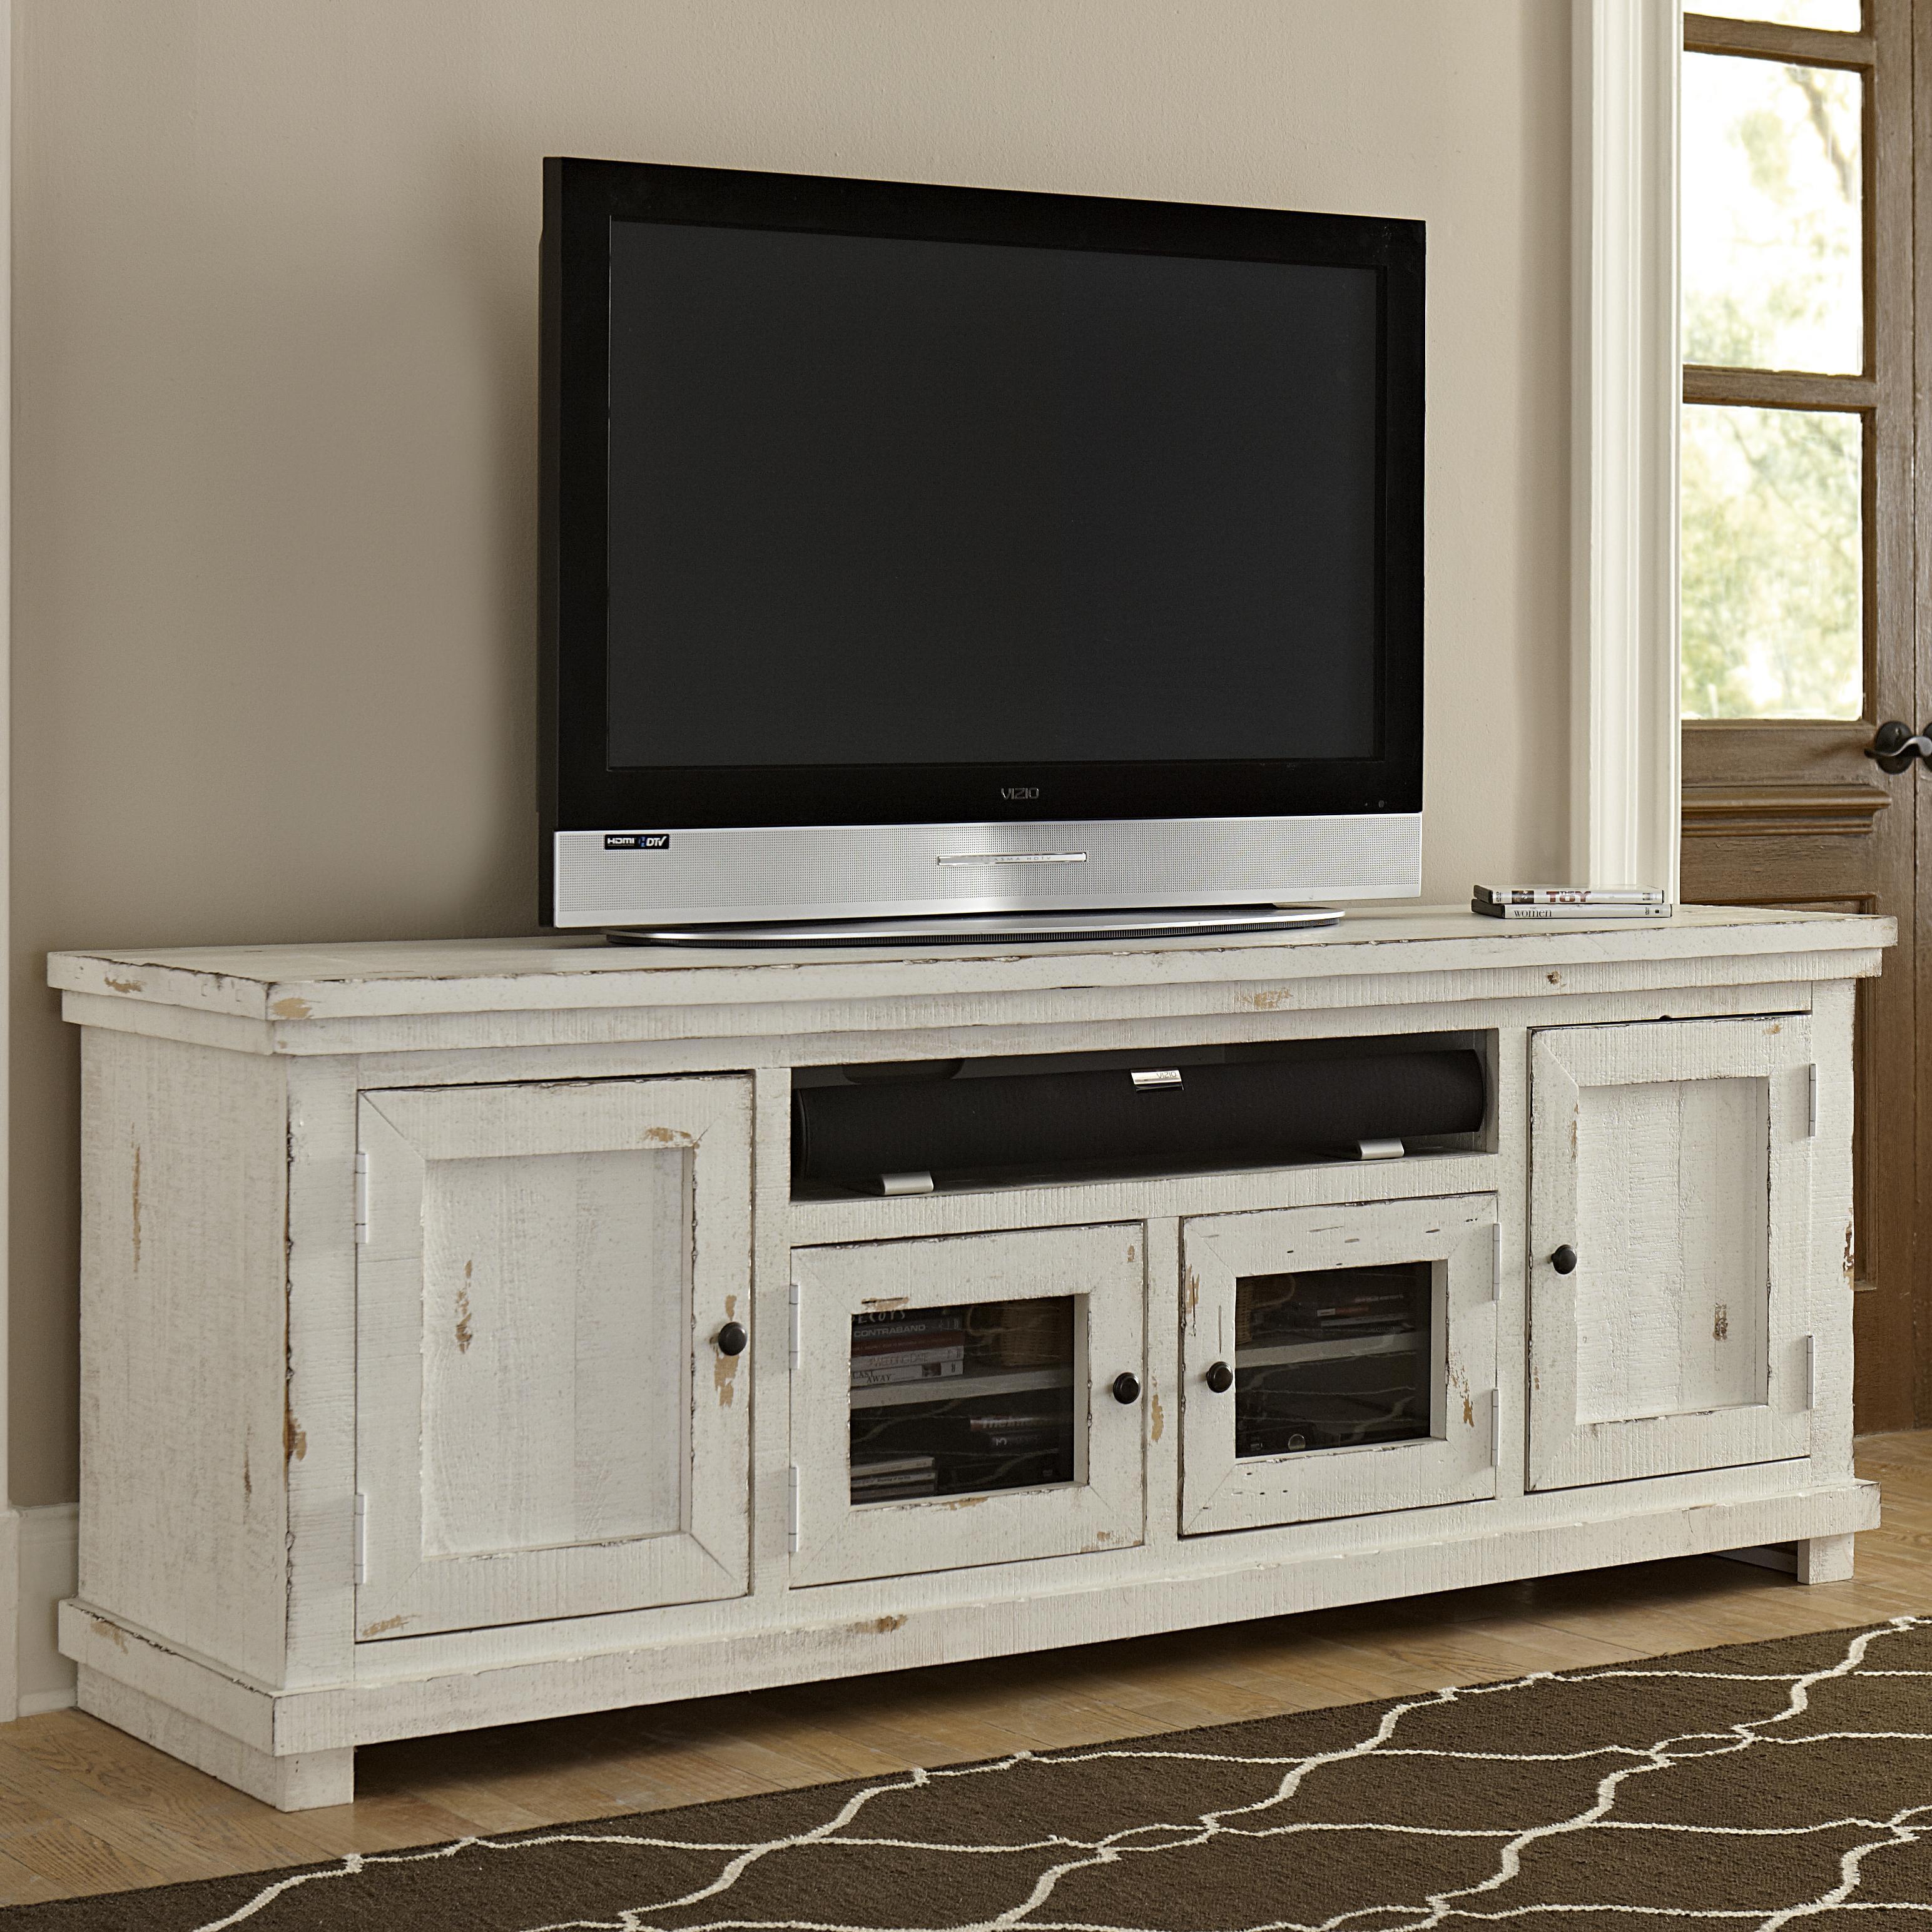 Superbe Progressive Furniture Willow74; Progressive Furniture Willow74